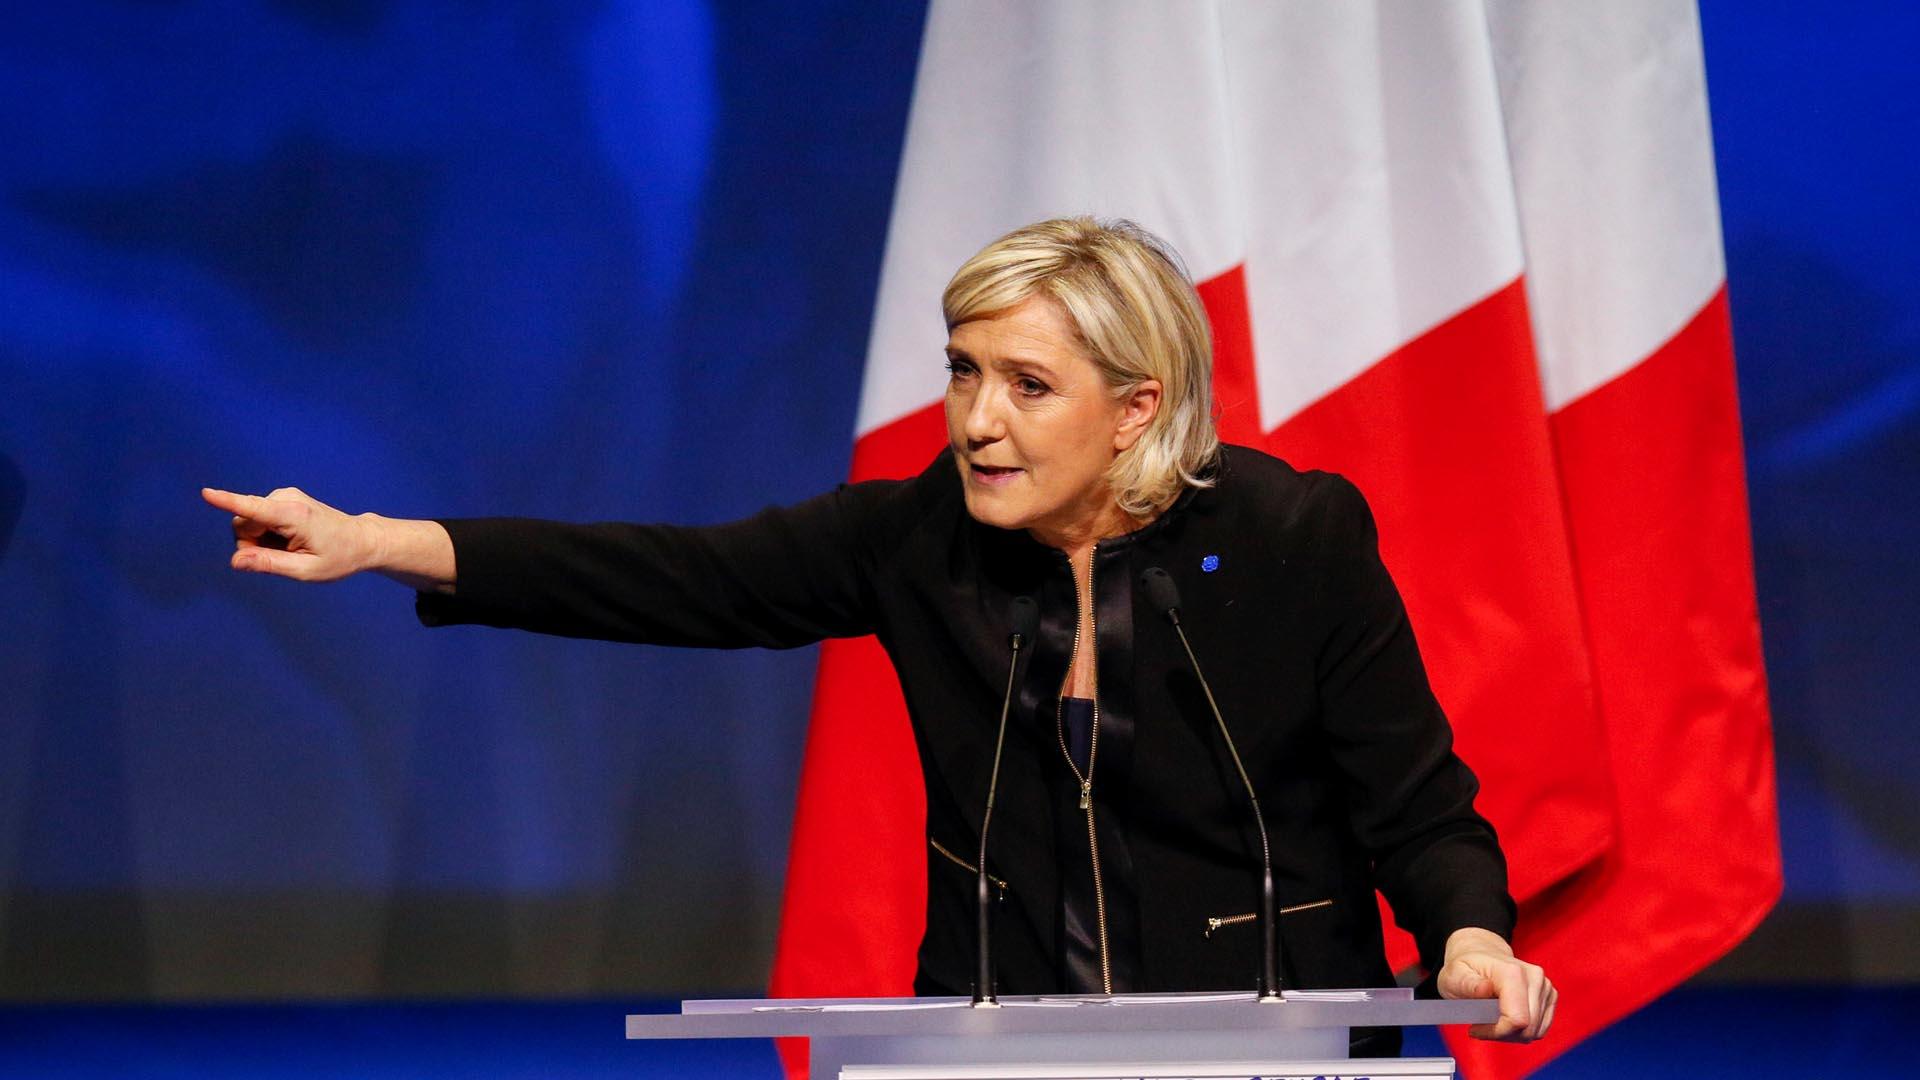 La política francesa criticó fuertemente la inmigración y la posición de la UE, asomando la posibilidad de retirarse de ella